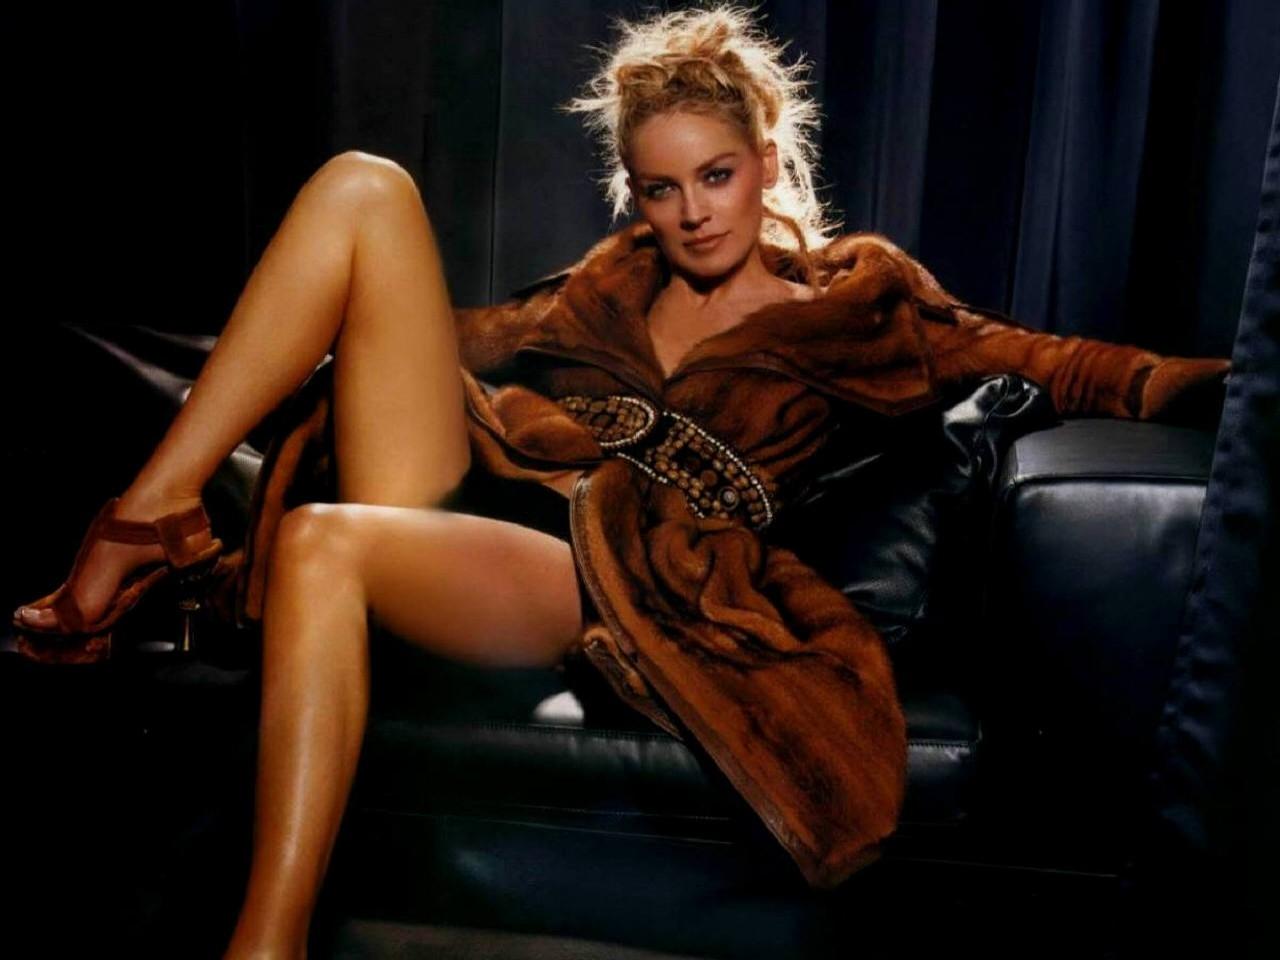 Wallpaper di Sharon Stone, venere in pelliccia